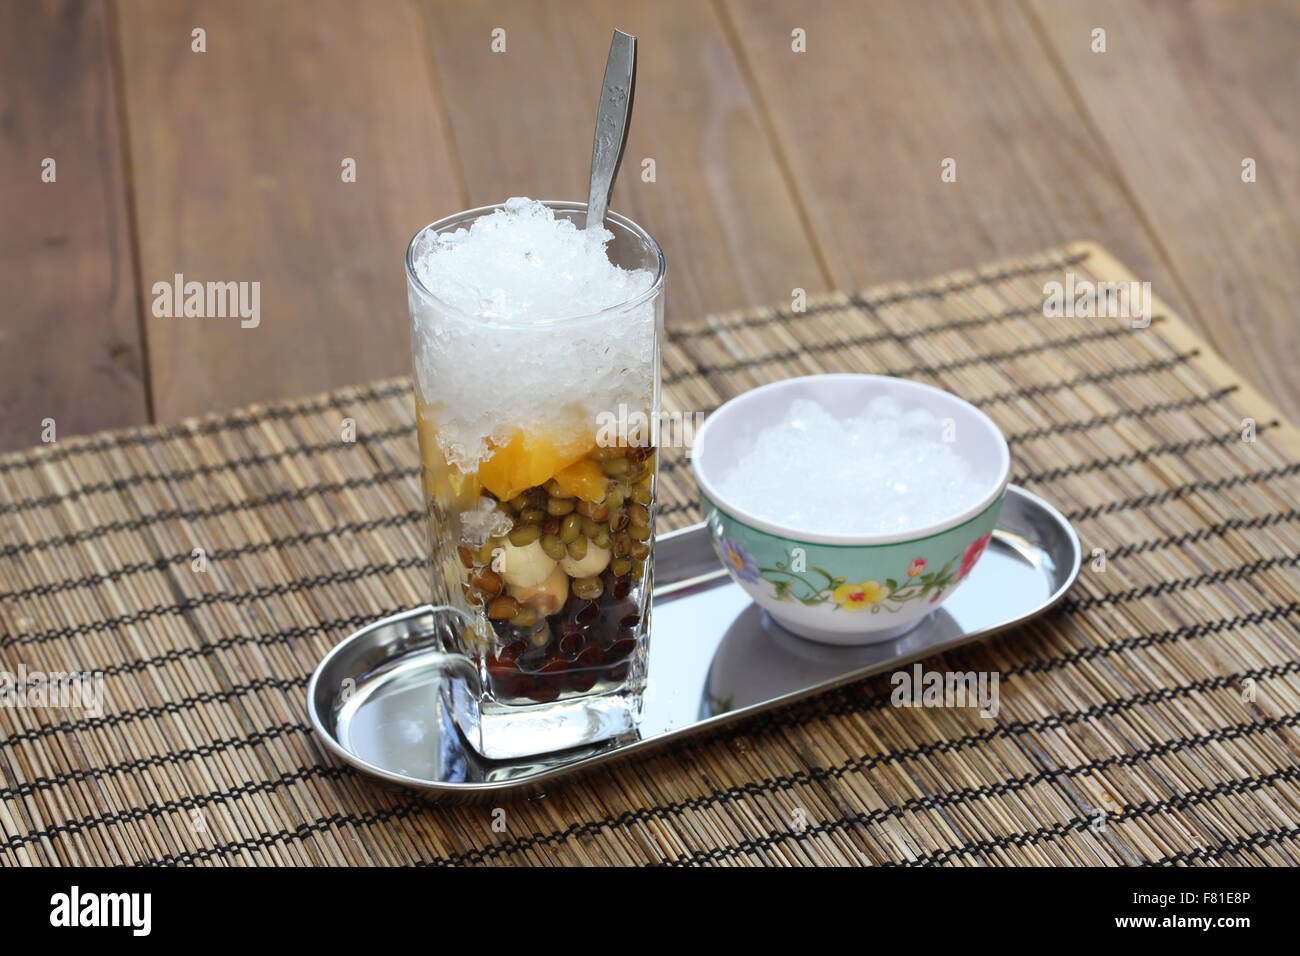 Che ist eine vietnamesische Süßspeise Suppe, in der Regel in einem Glas auf Eis serviert und mit einem Stockbild